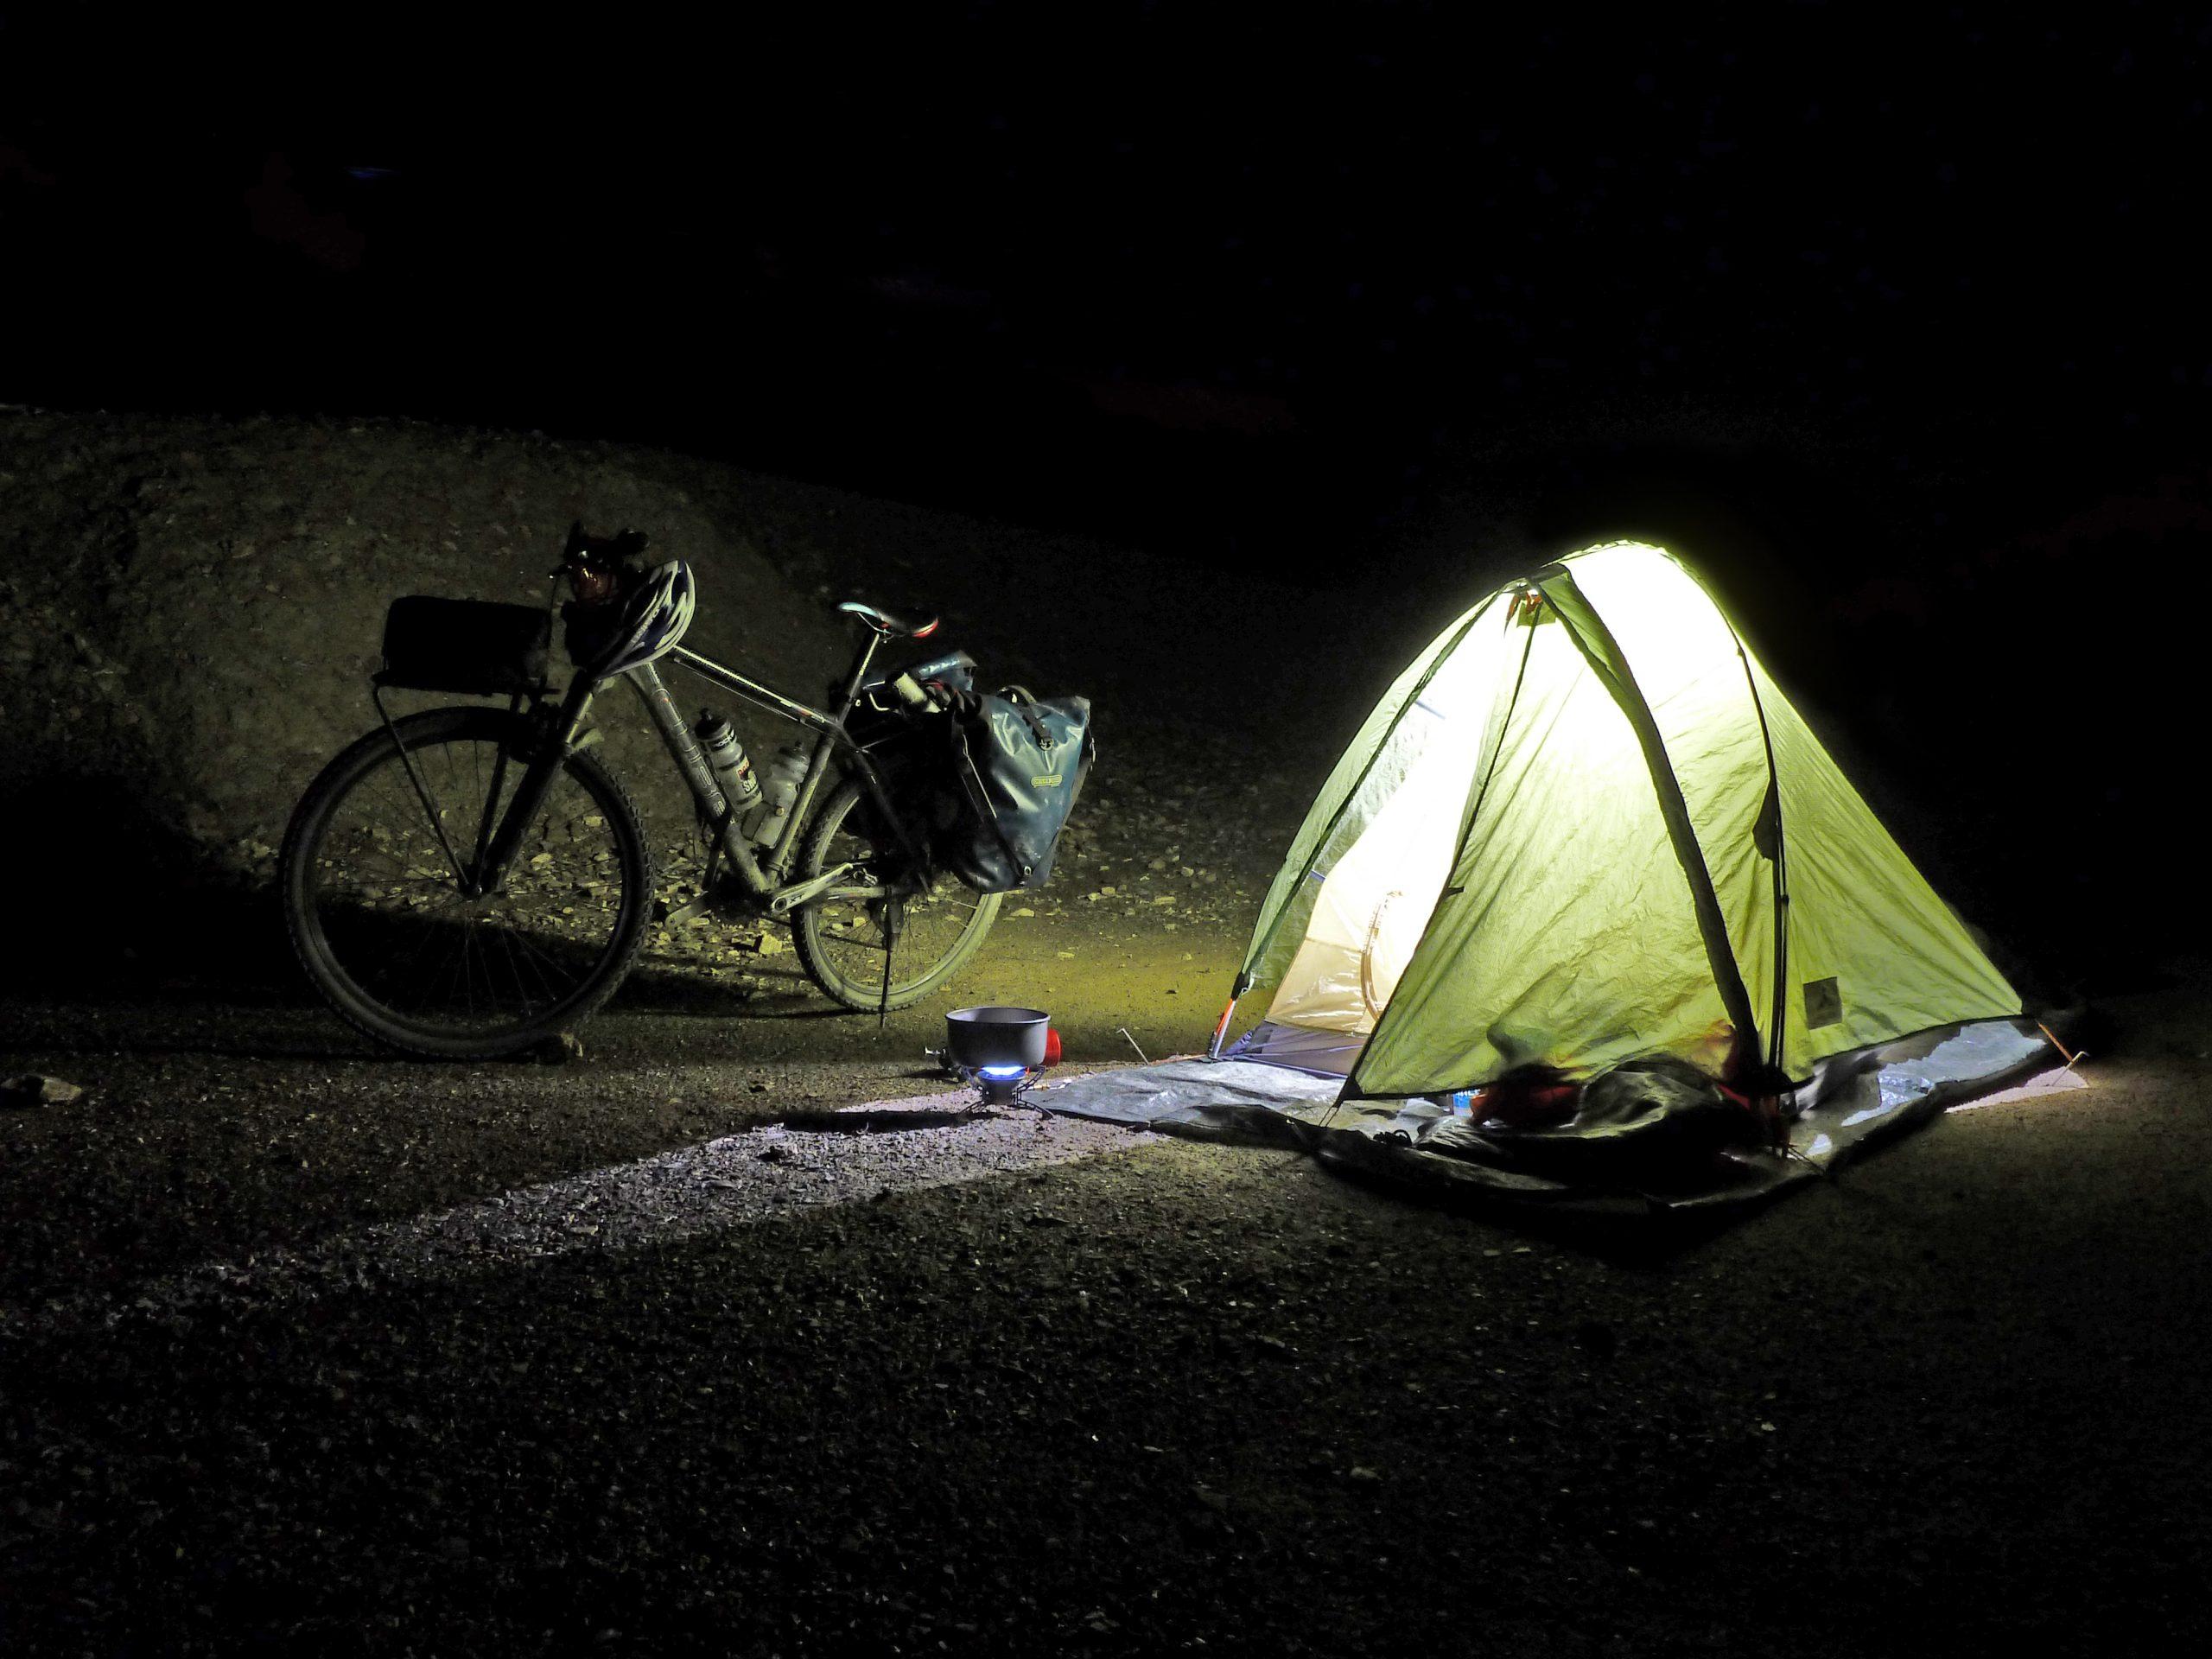 Radreise Ladakh 2012 - Zeltplatz im Flussbett des Wakha